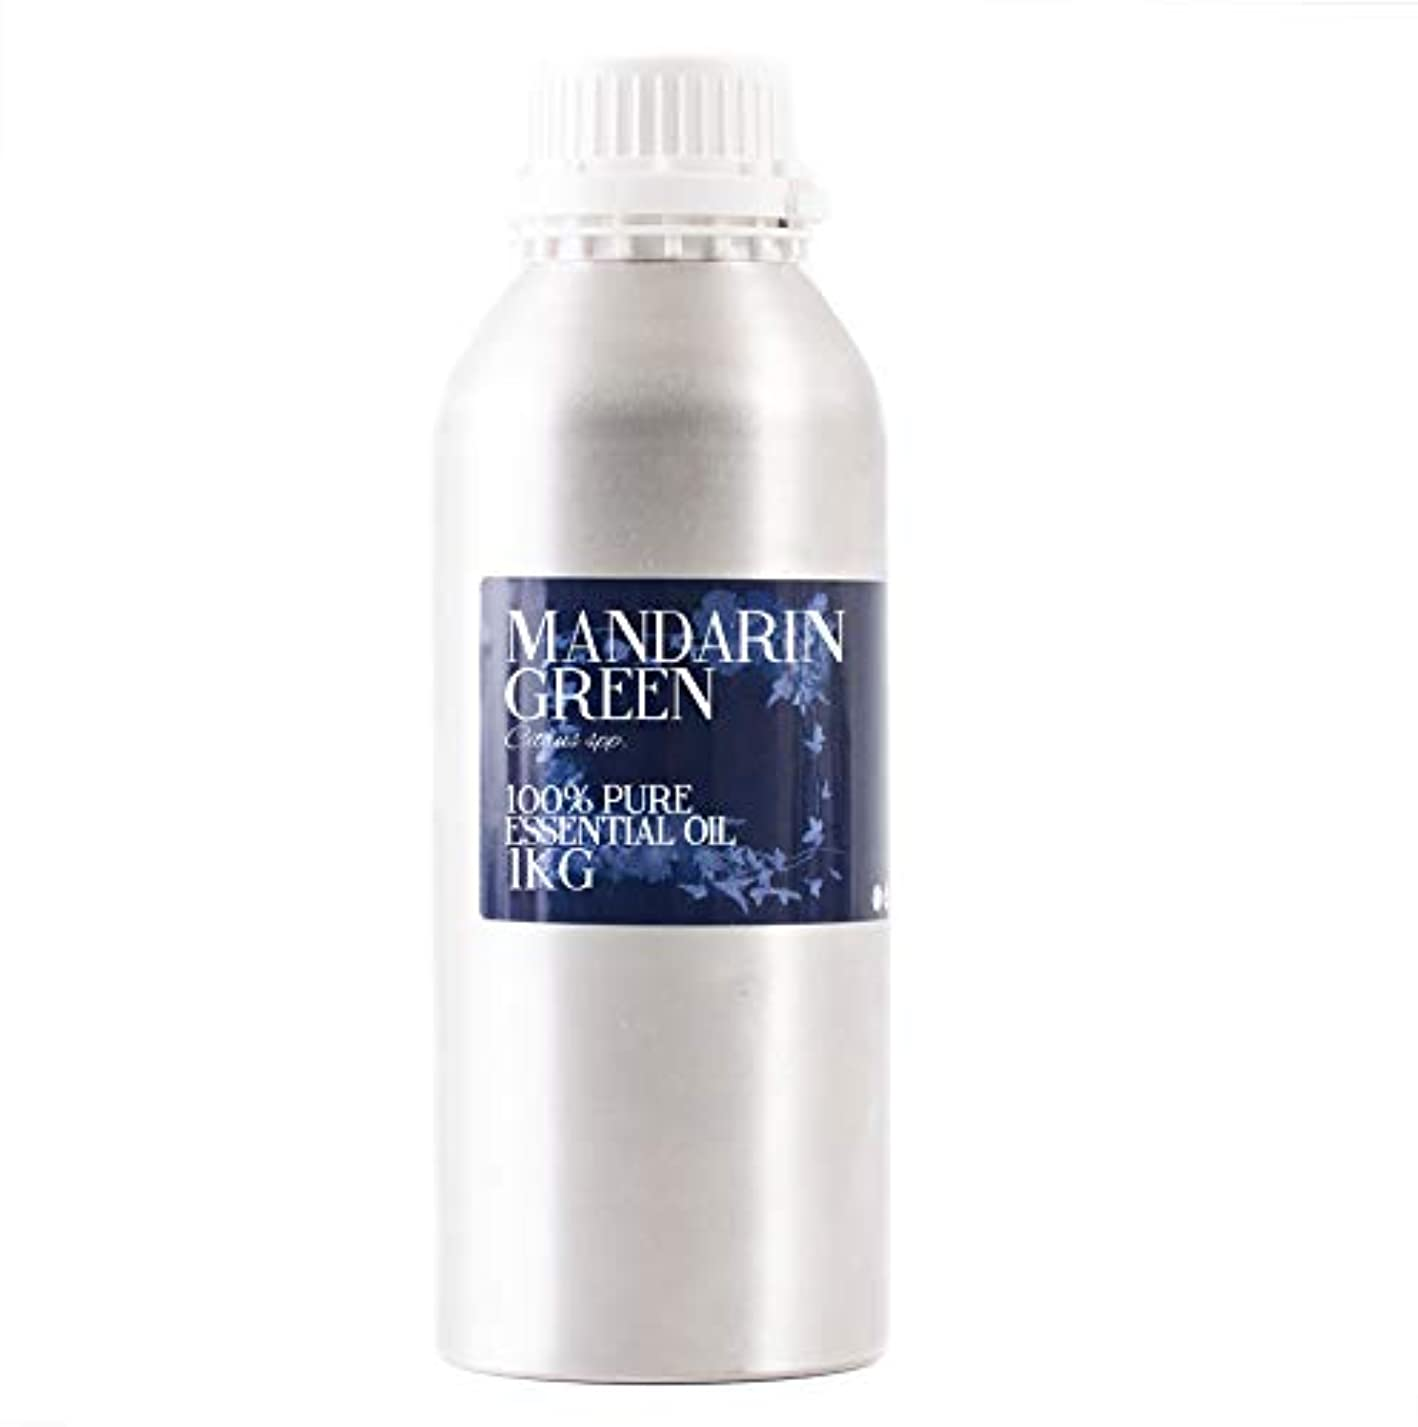 誤って添加剤削除するMystic Moments | Mandarin Green Essential Oil - 1Kg - 100% Pure